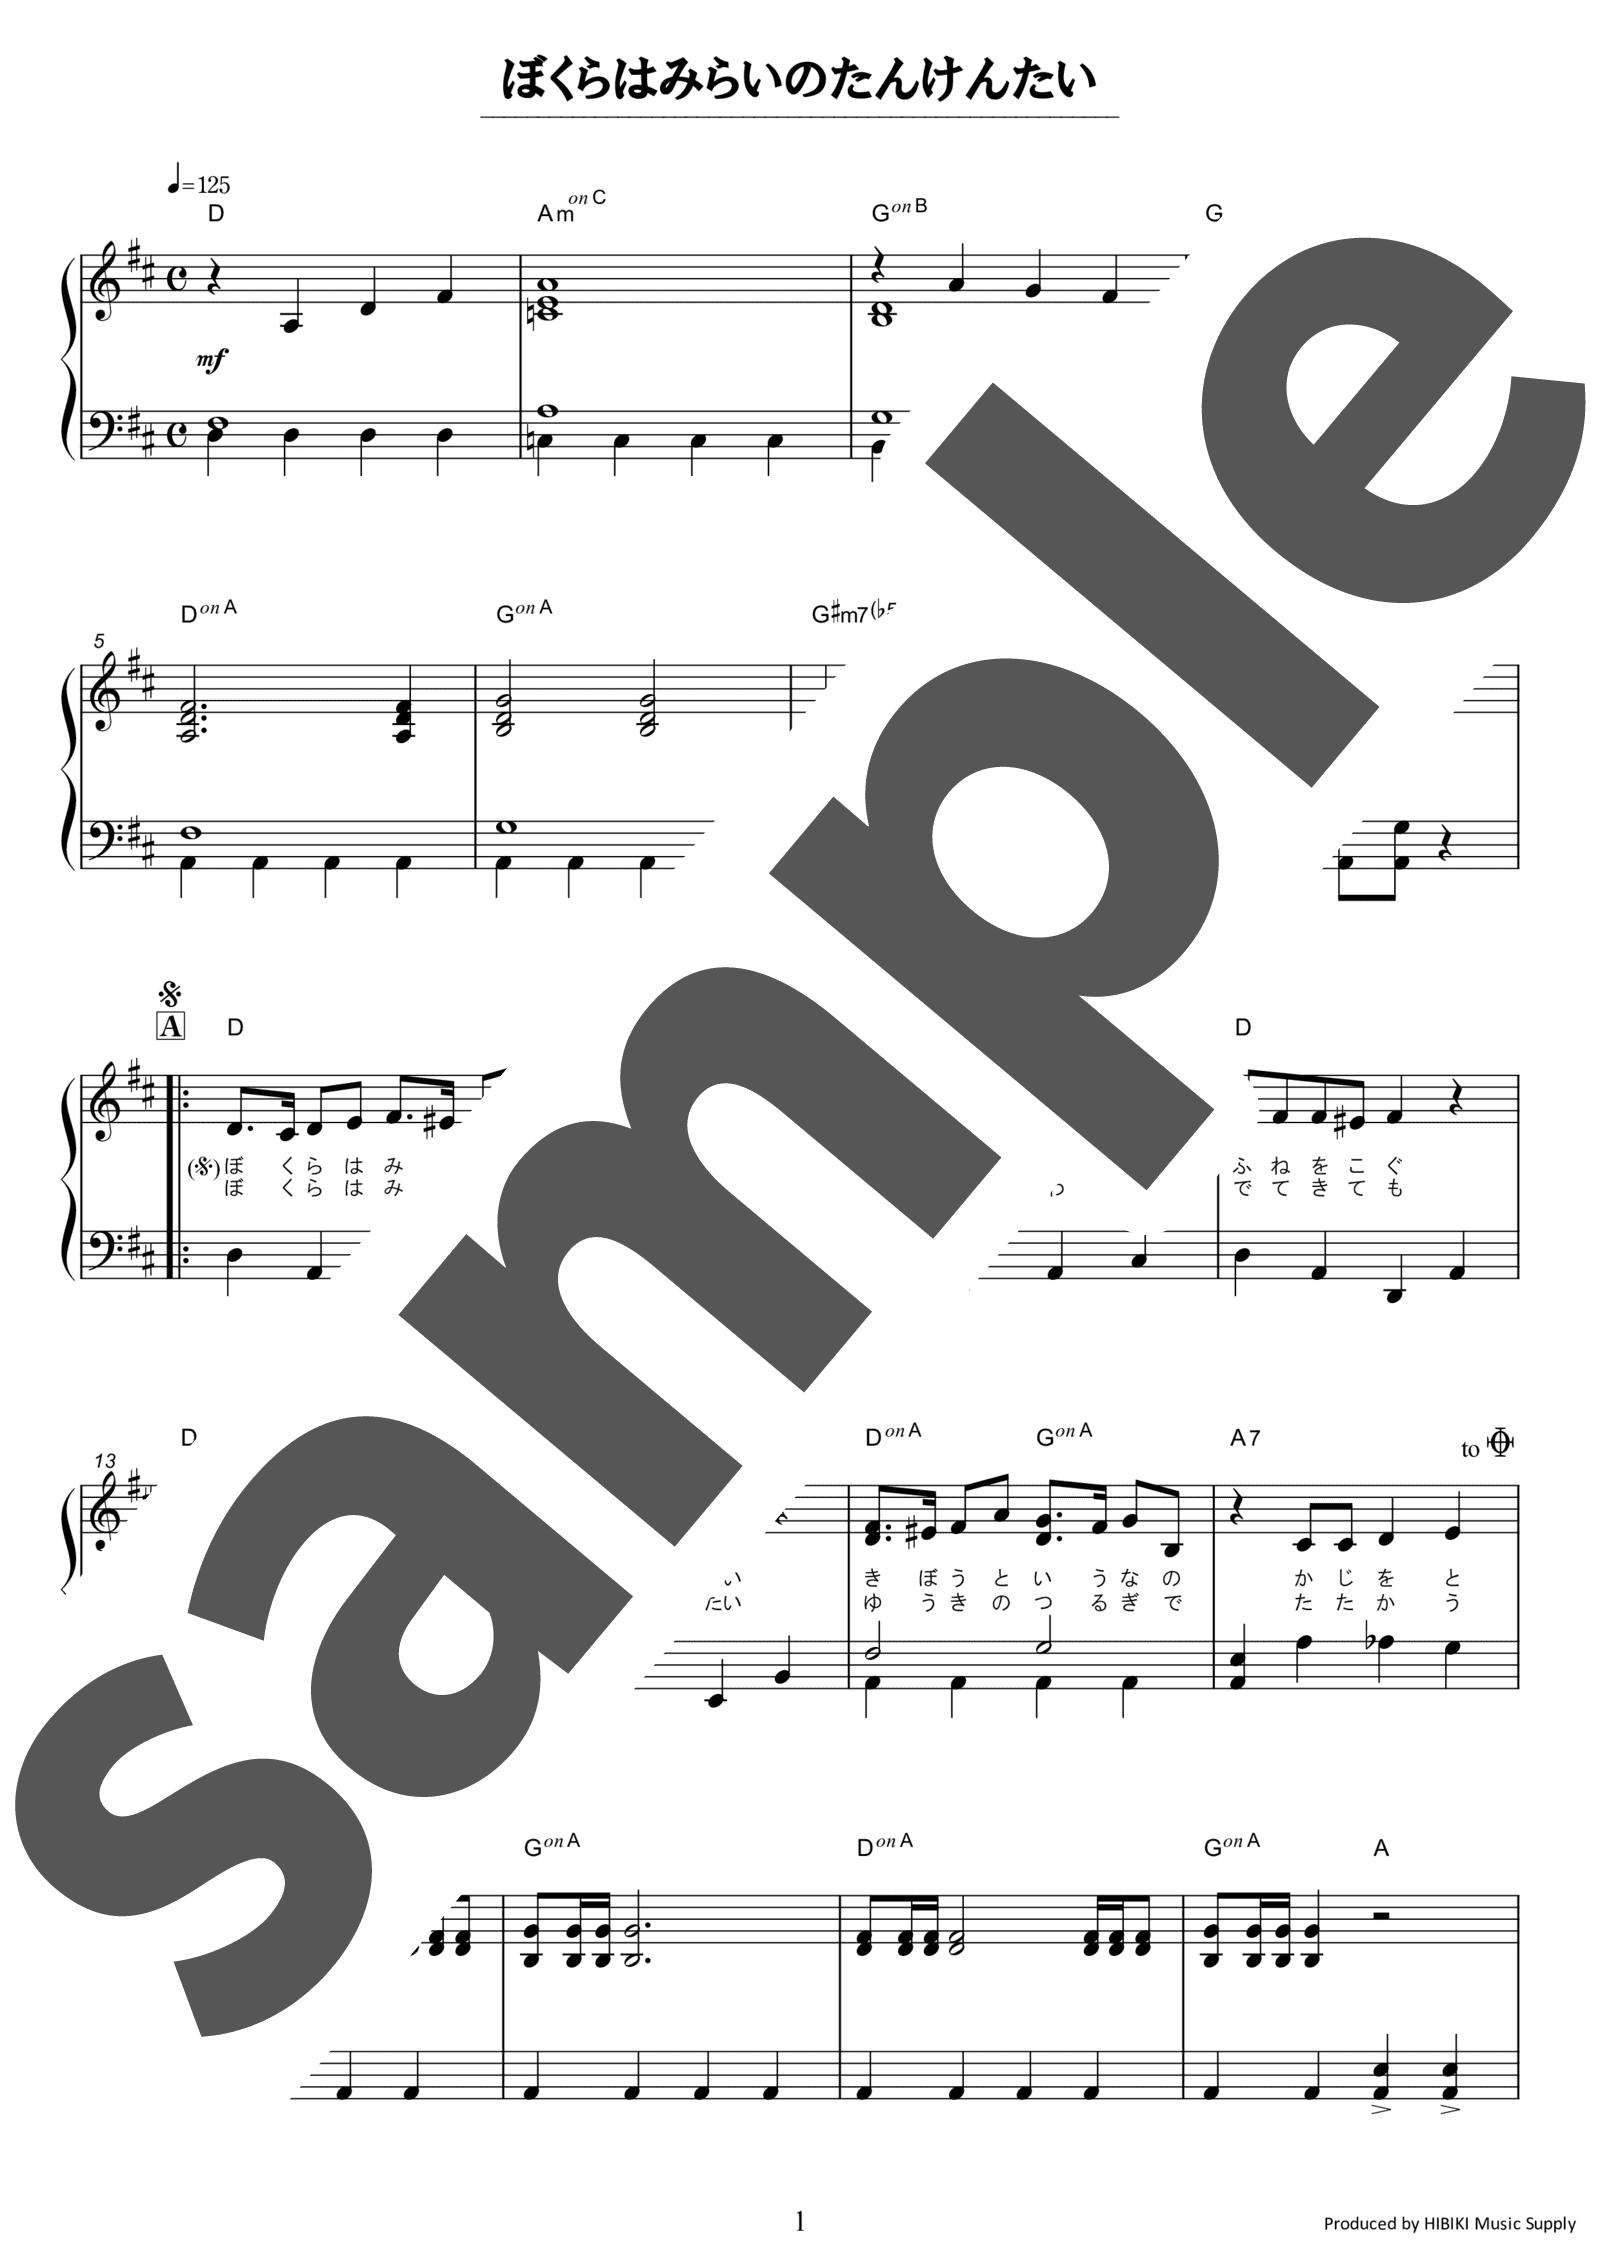 「ぼくらはみらいのたんけんたい」のサンプル楽譜